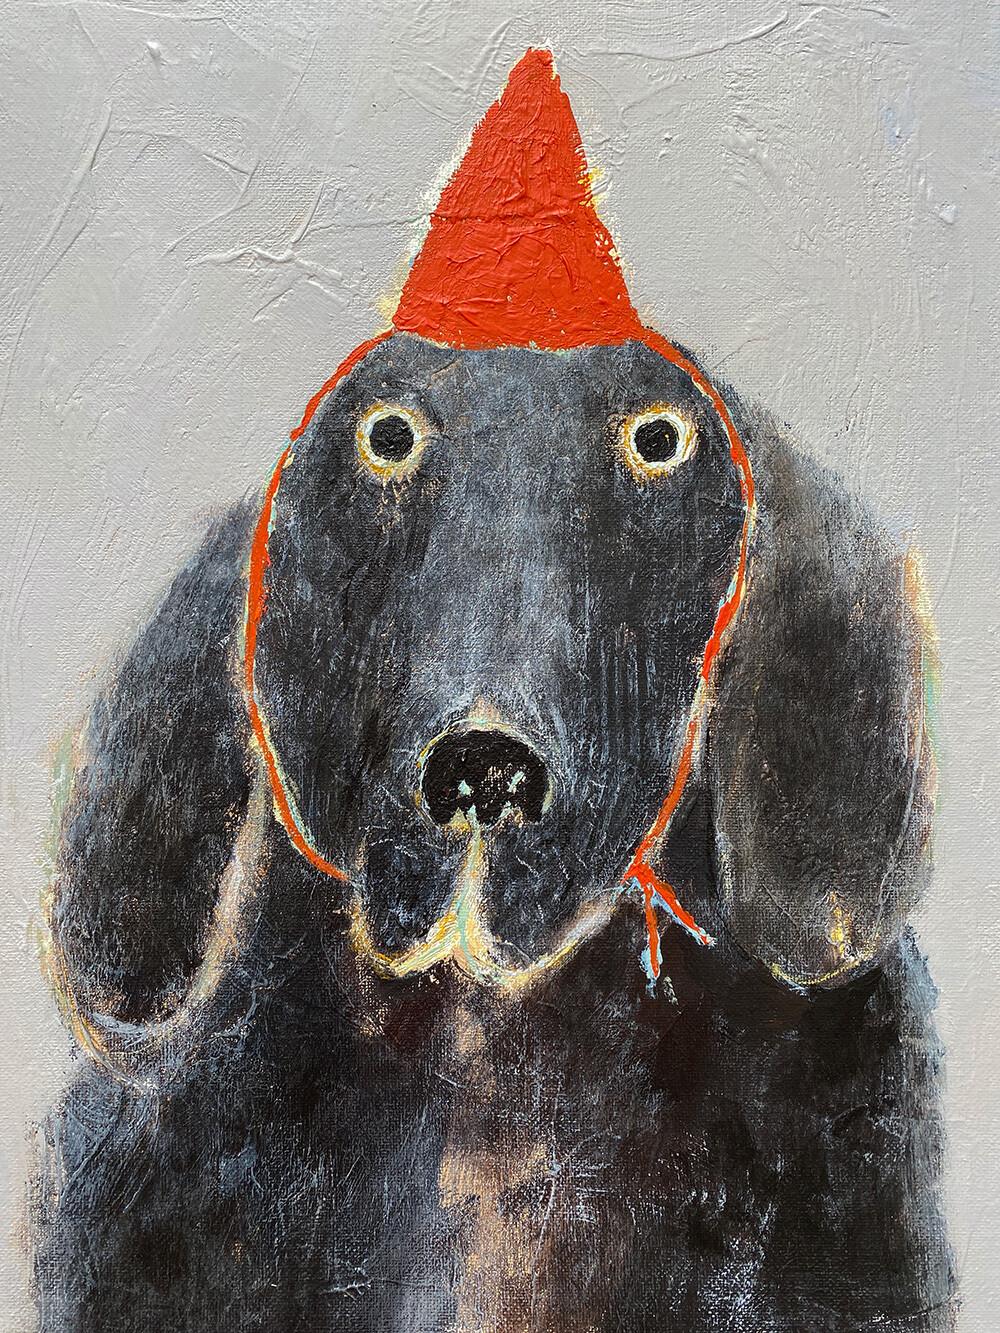 Friend in the Red Hat – Original